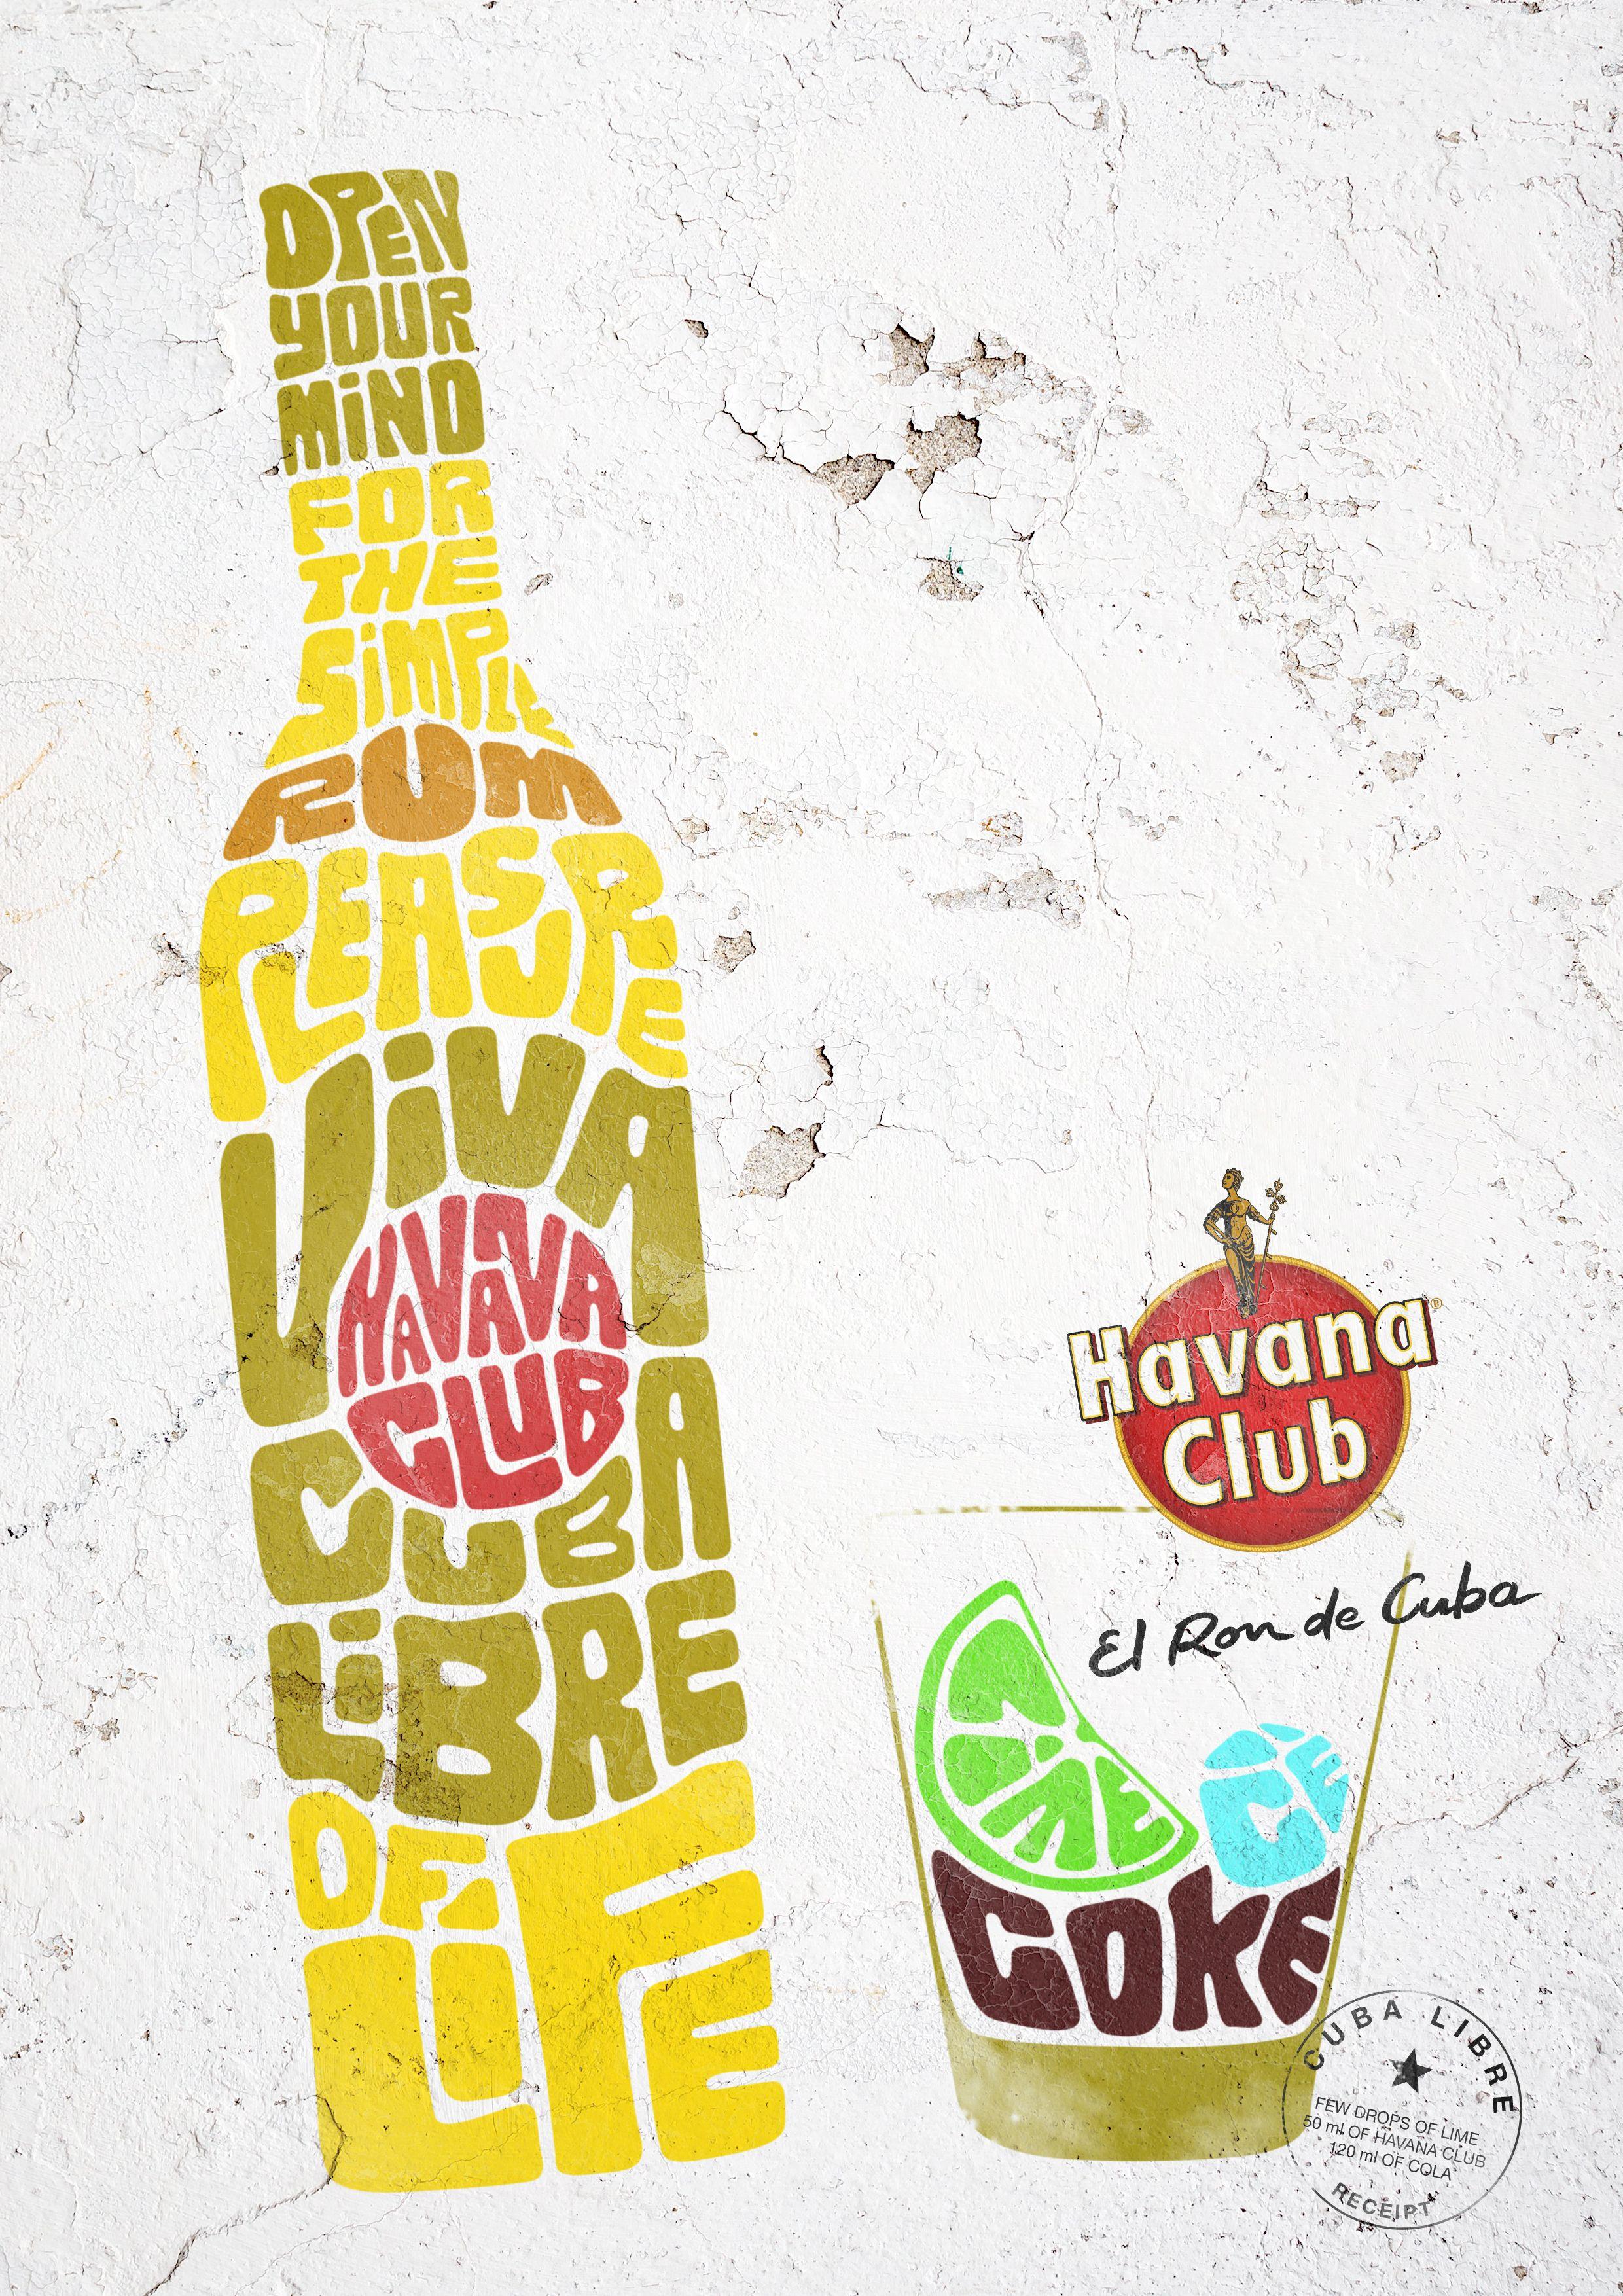 Havana Club / Cuba Libre: Student Print Ad, Complicated Layout ...